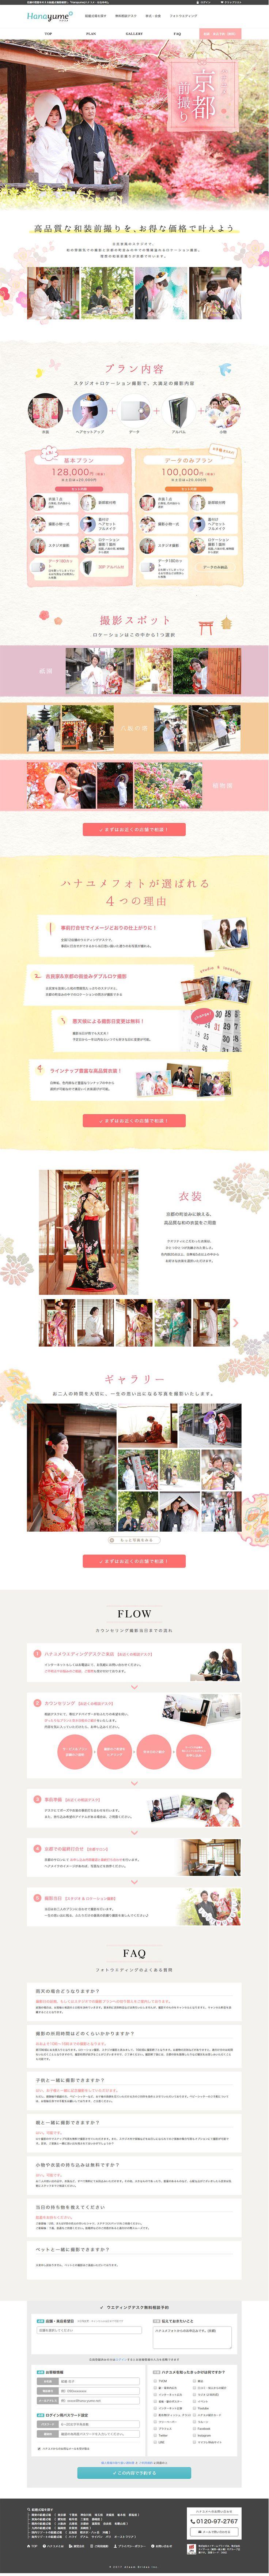 ハナユメ京都前撮り|WEBデザイナーさん必見!ランディングページのデザイン参考に(和風系)